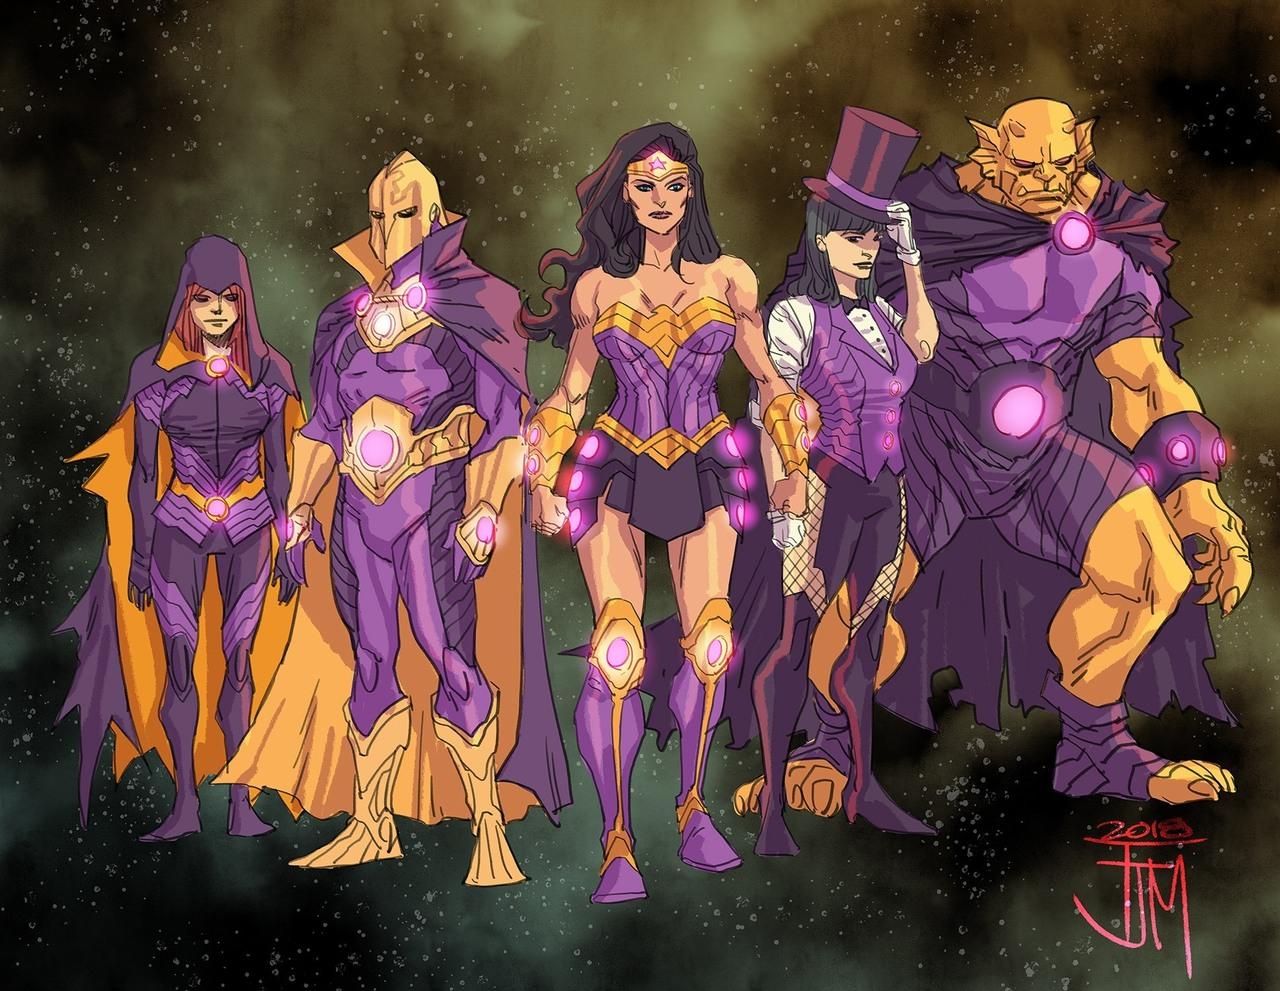 La team Wonder, concept art par Francis Manapul